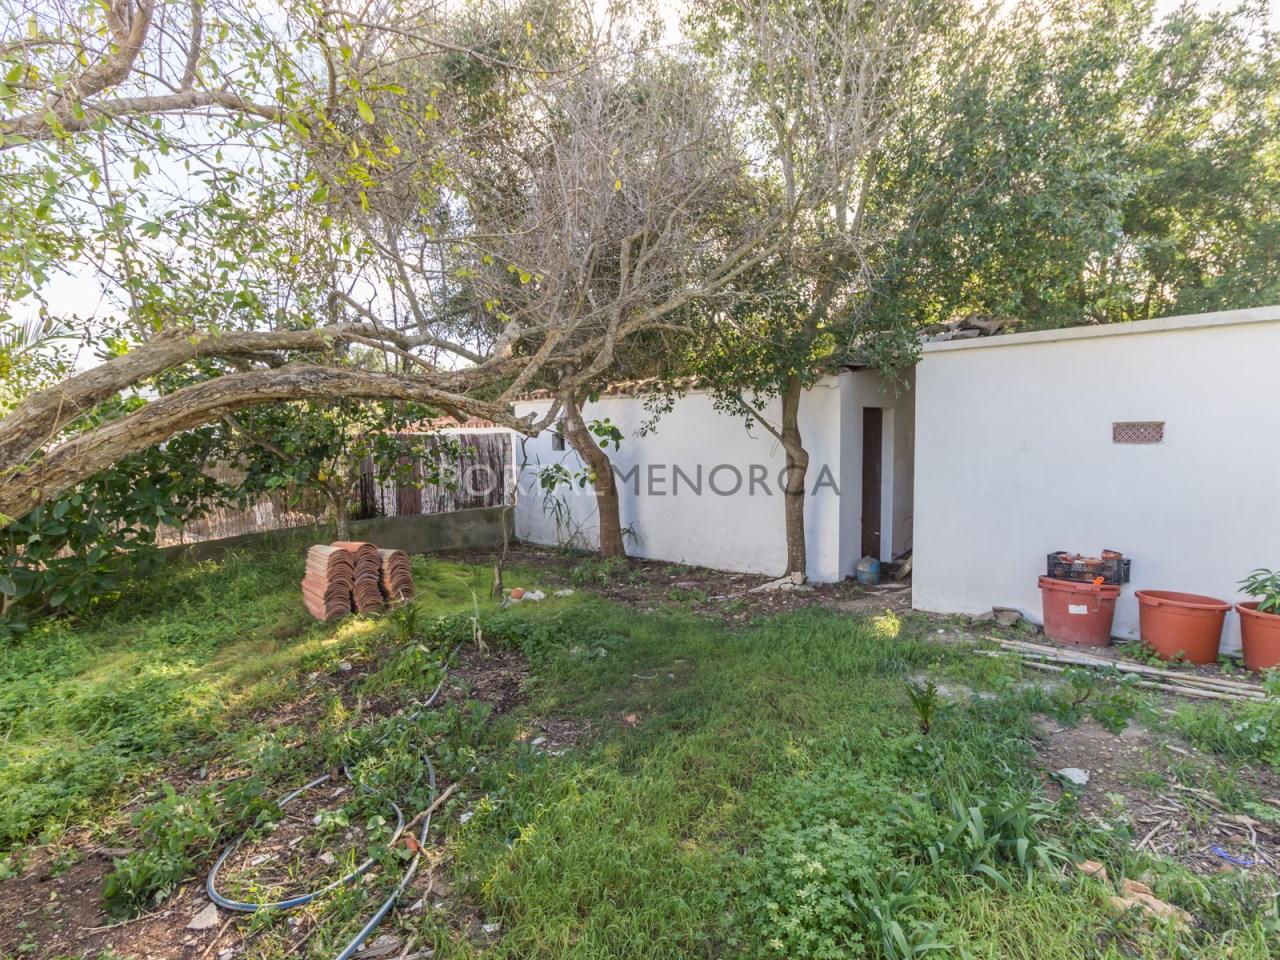 chalet con terreno en venta en Addaya Menorca (18 de 19)